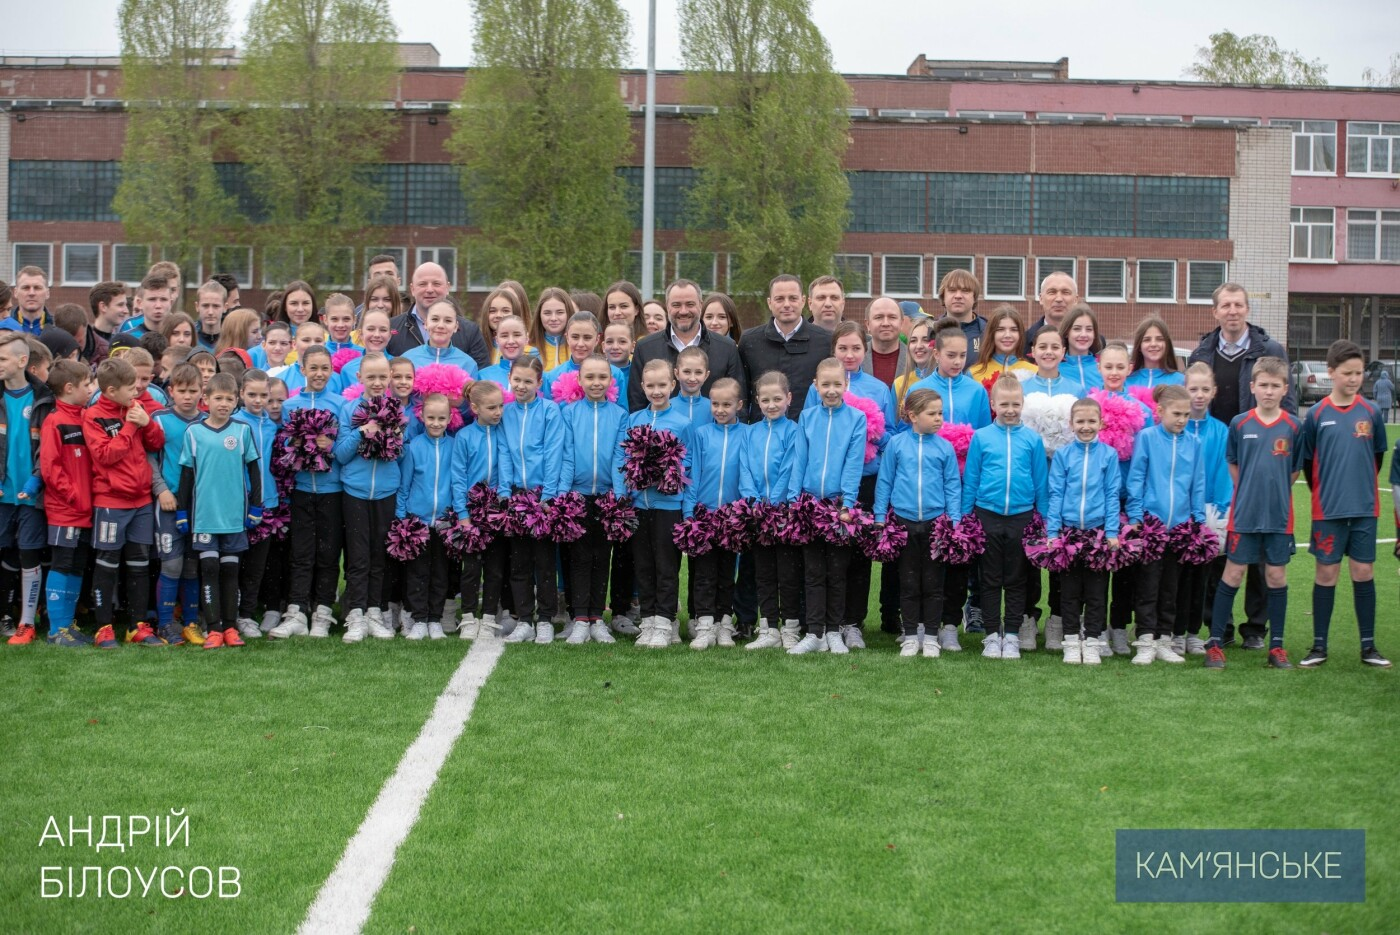 Новый стадион в Каменском открыли матчем со звездами украинского футбола, фото-10